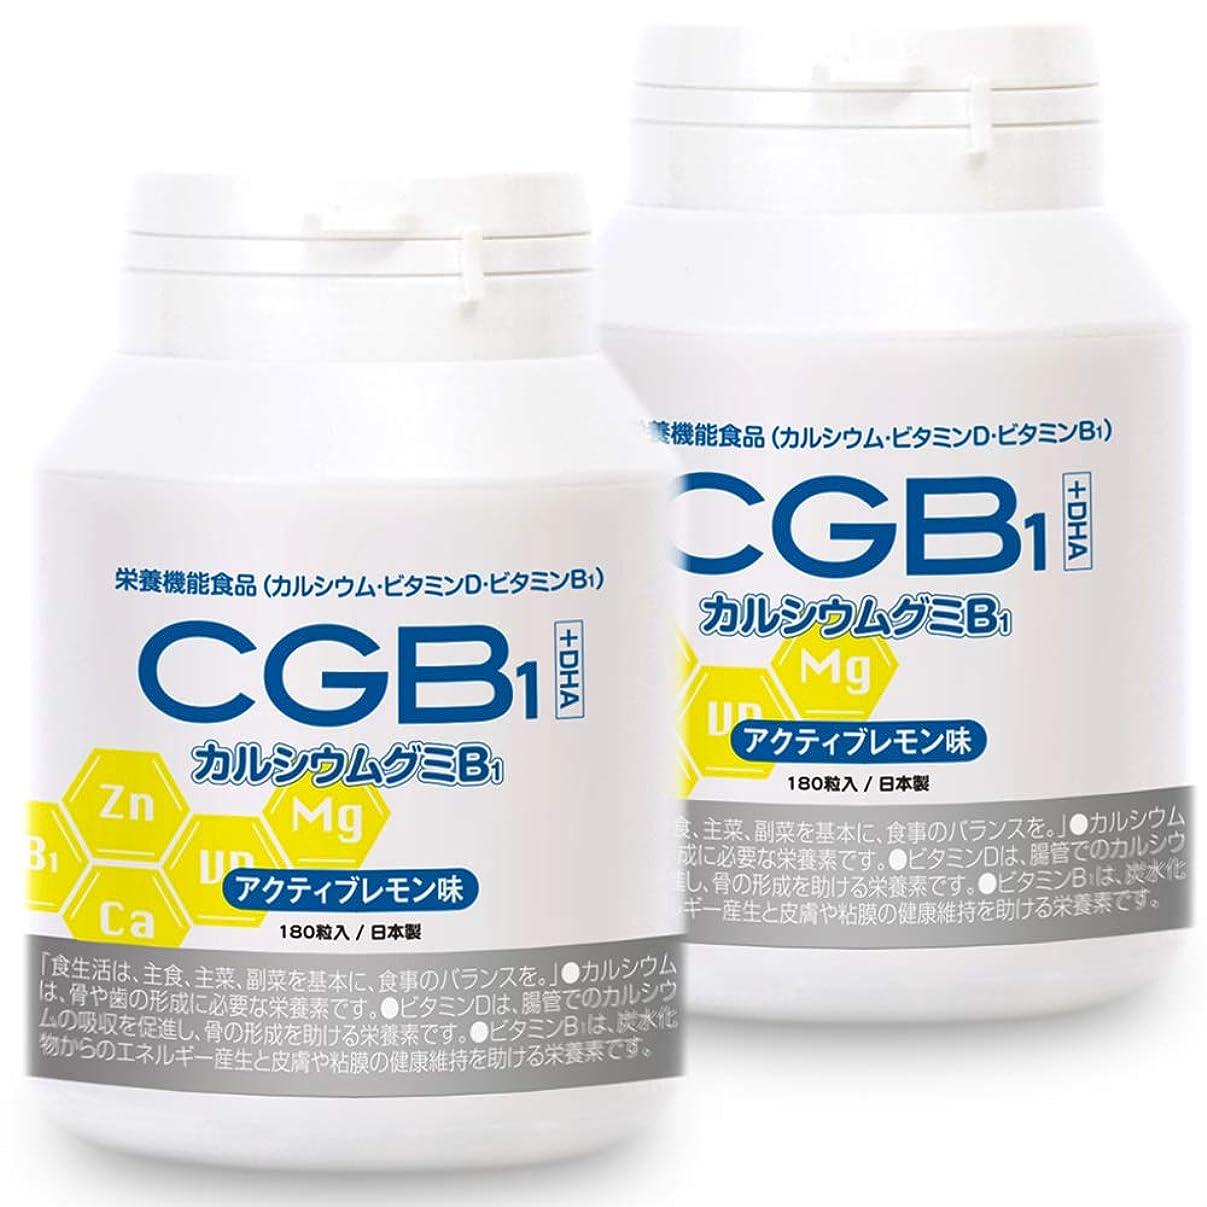 脚本家後ろに甘味成長サプリ カルシウムグミB1 レモン味 2箱セット 60日分 伸び盛り 中高生 身長 健康 偏食 DHA VB1 アルギニン 乳酸菌 栄養機能食品